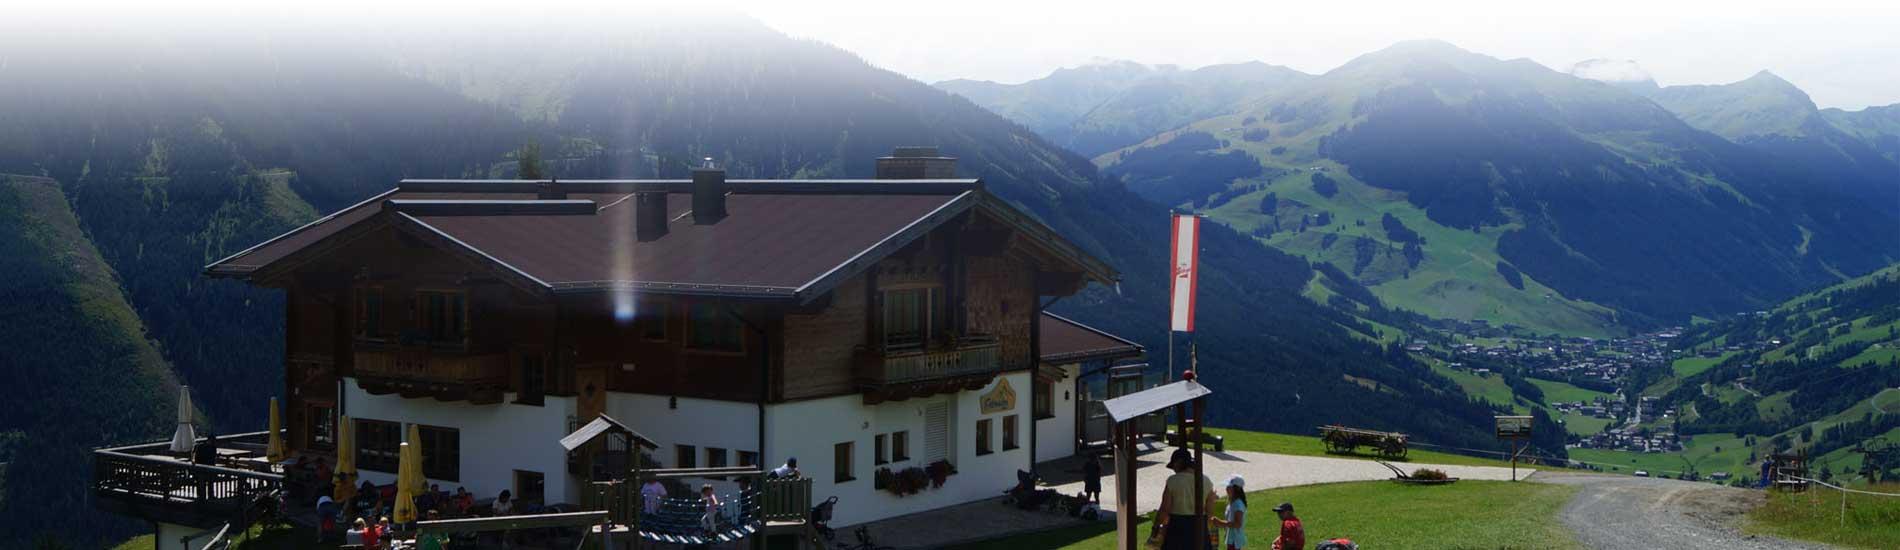 Ederalm im Pinzgau